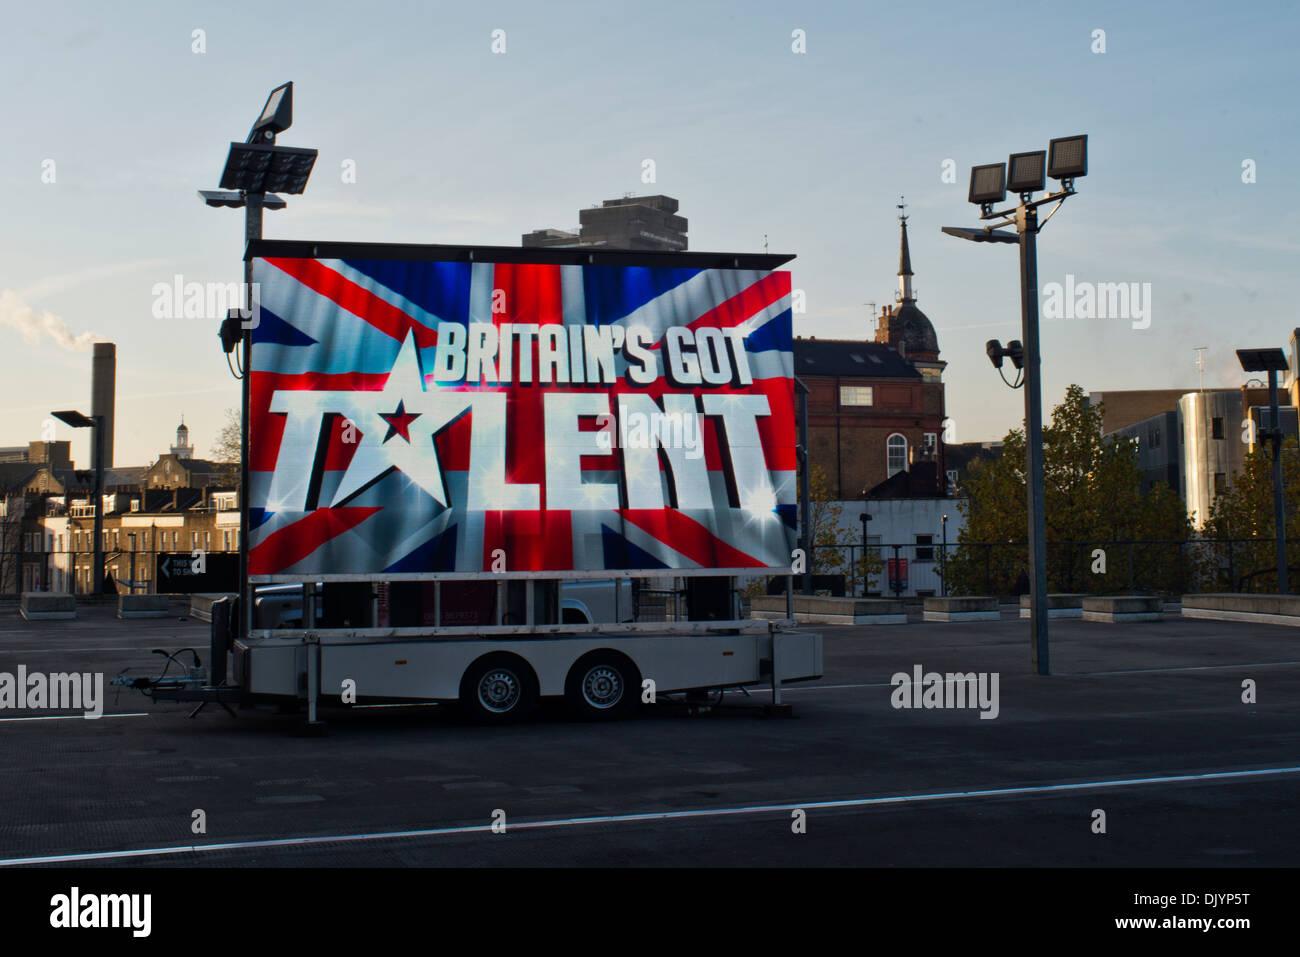 Werbung für Britain es Got Talent vor dem Arsenal Fußball-Stadion im Norden Londons. Stockbild